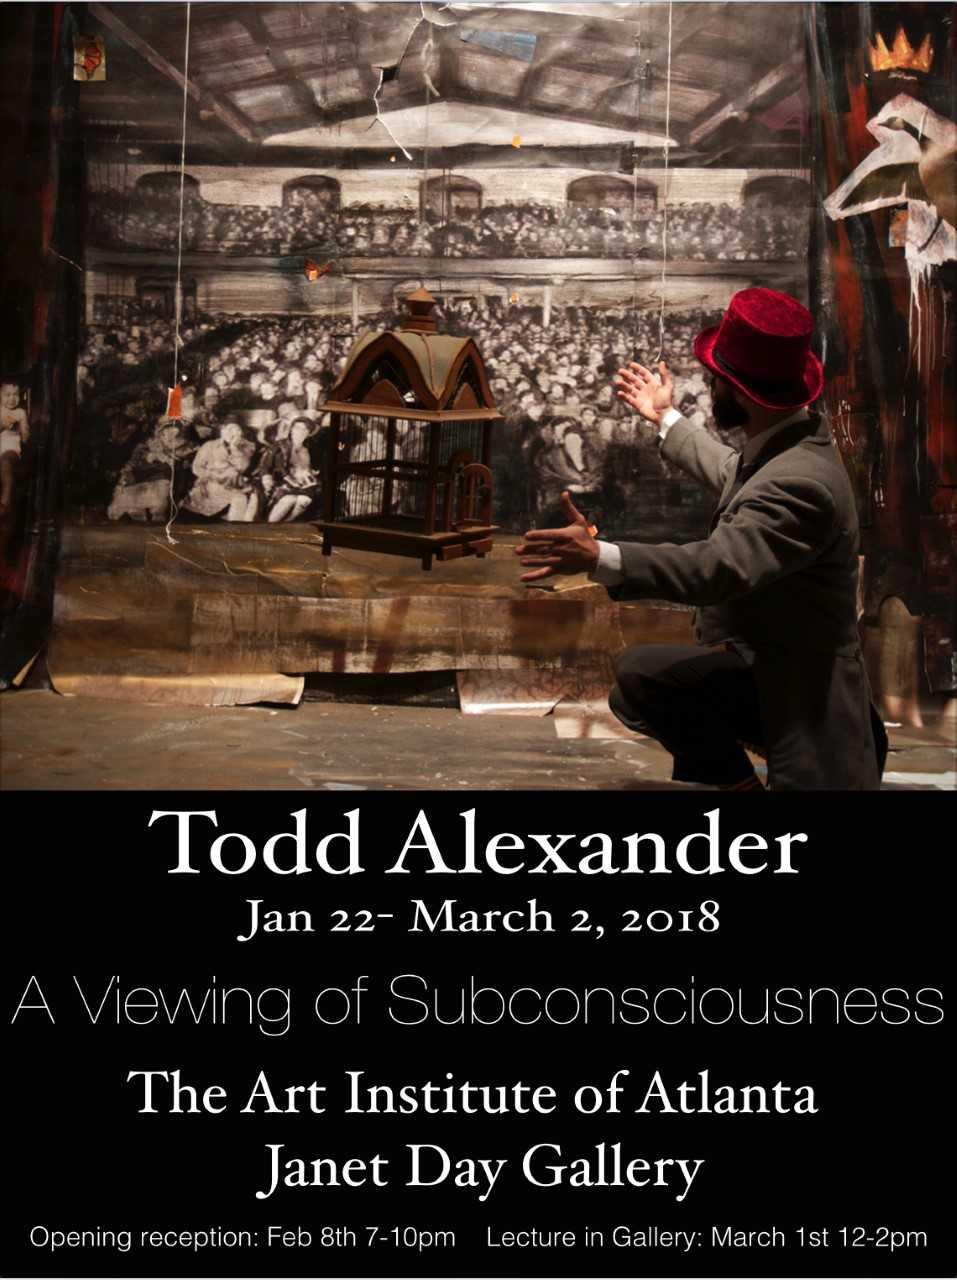 Todd Alexander art